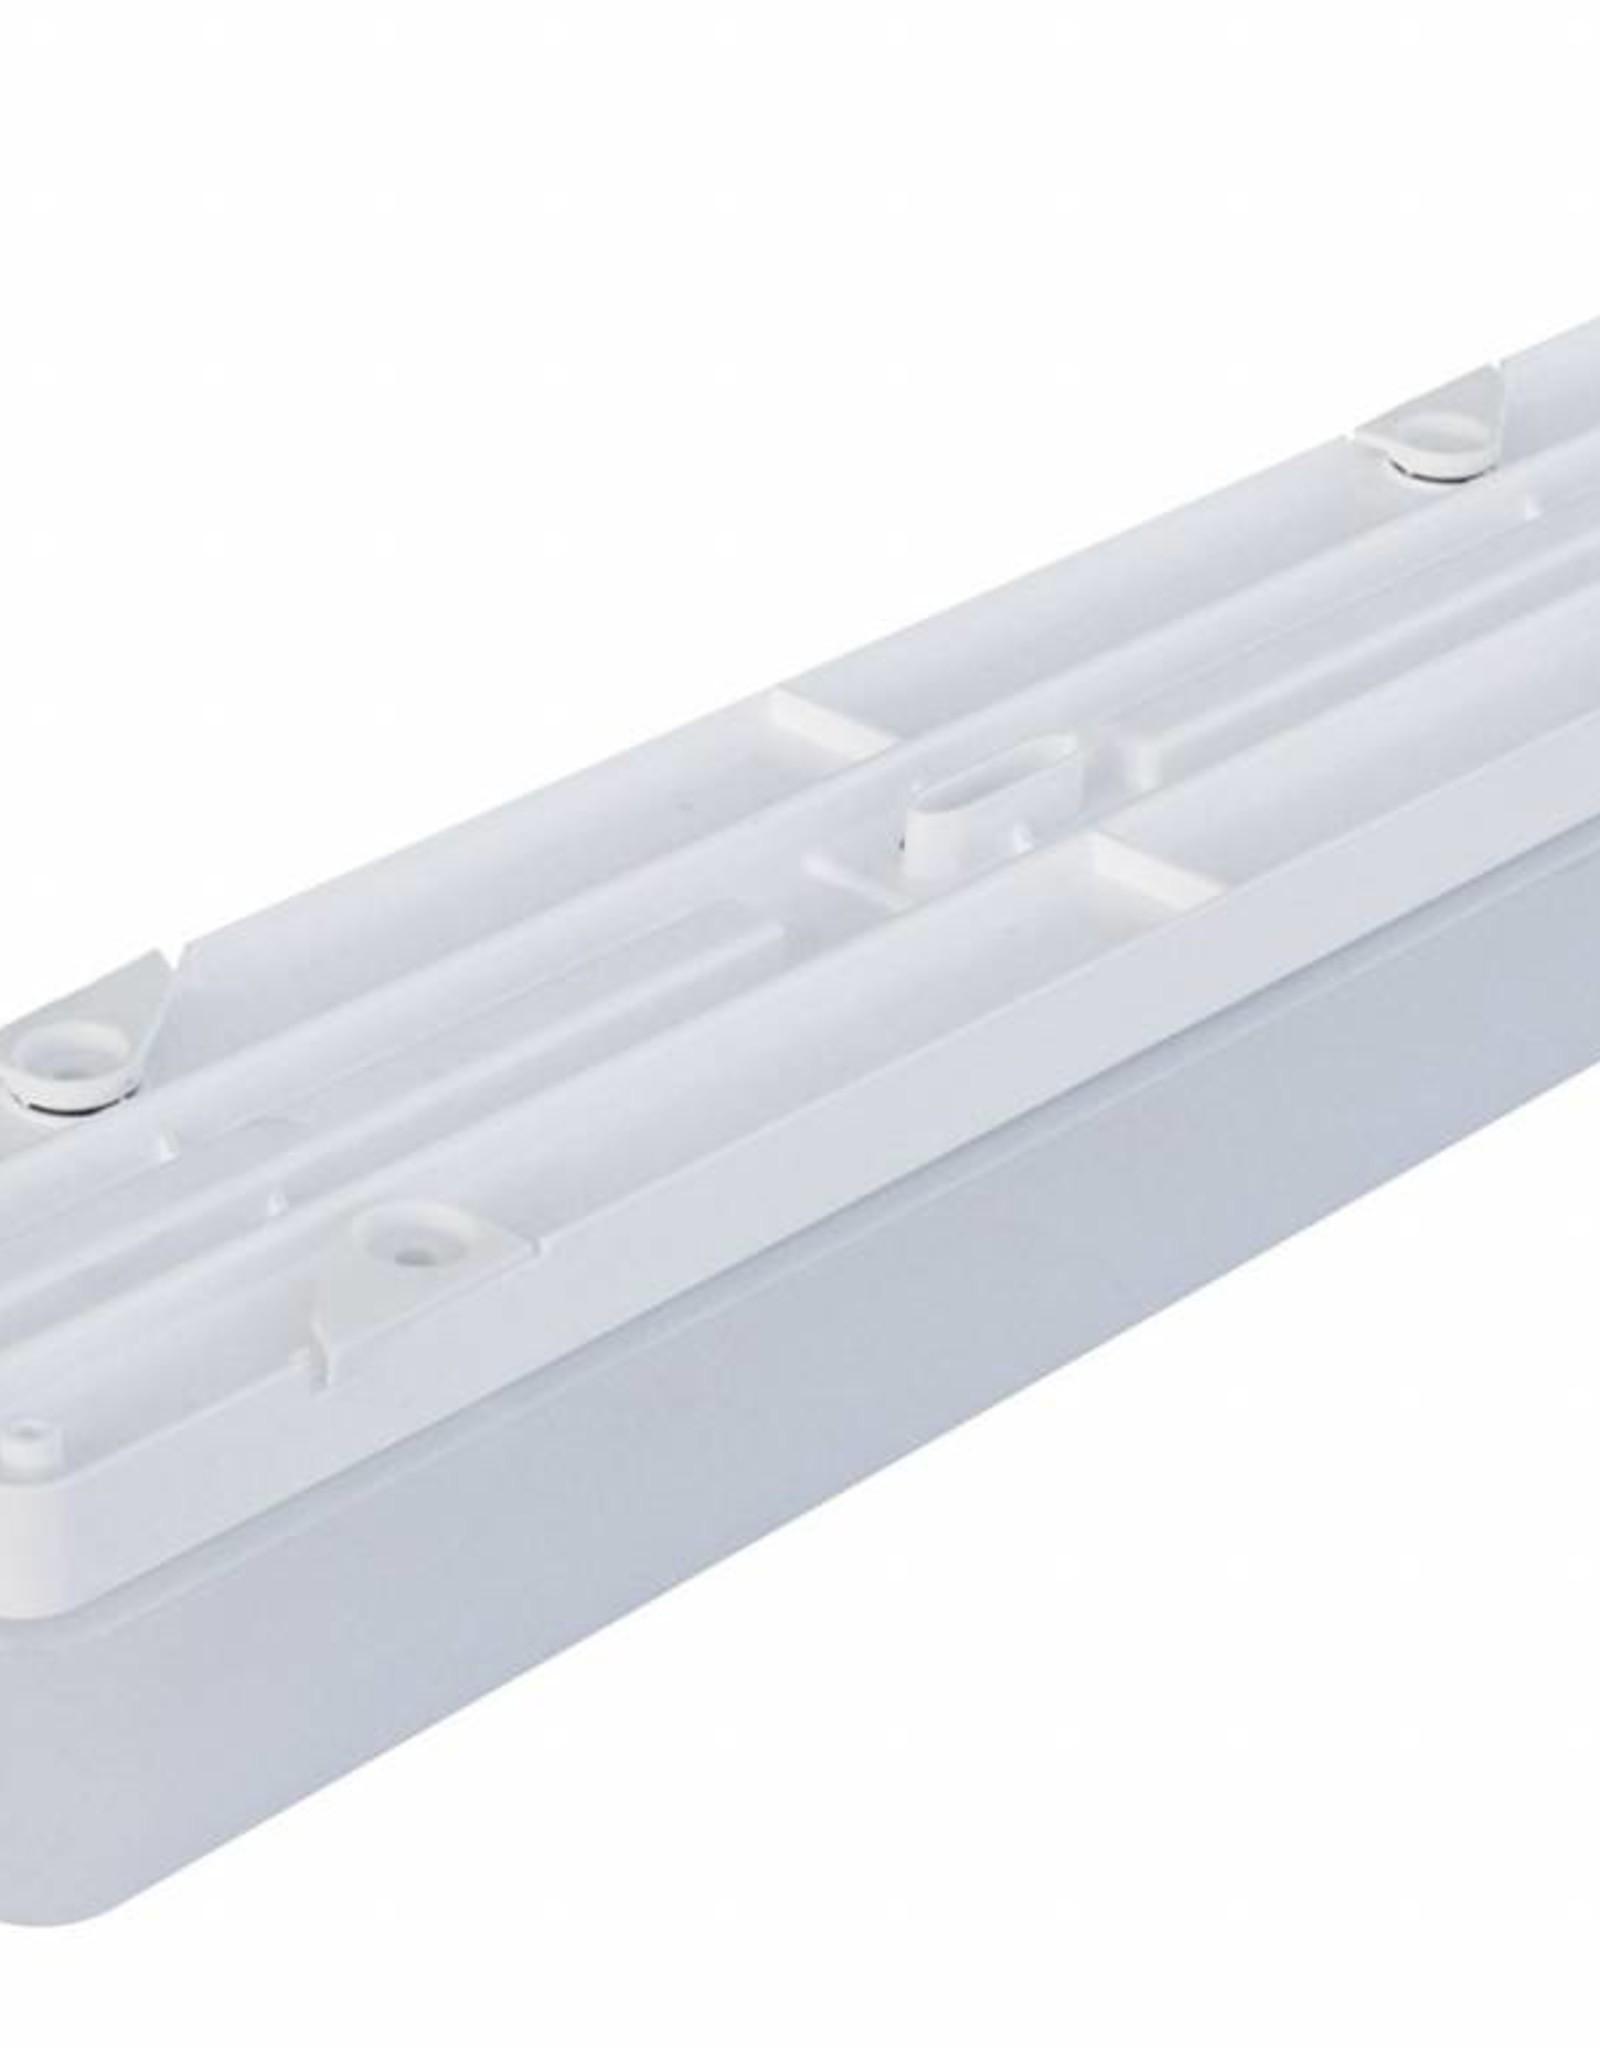 Linea 1.4ft 4400/840 DALI